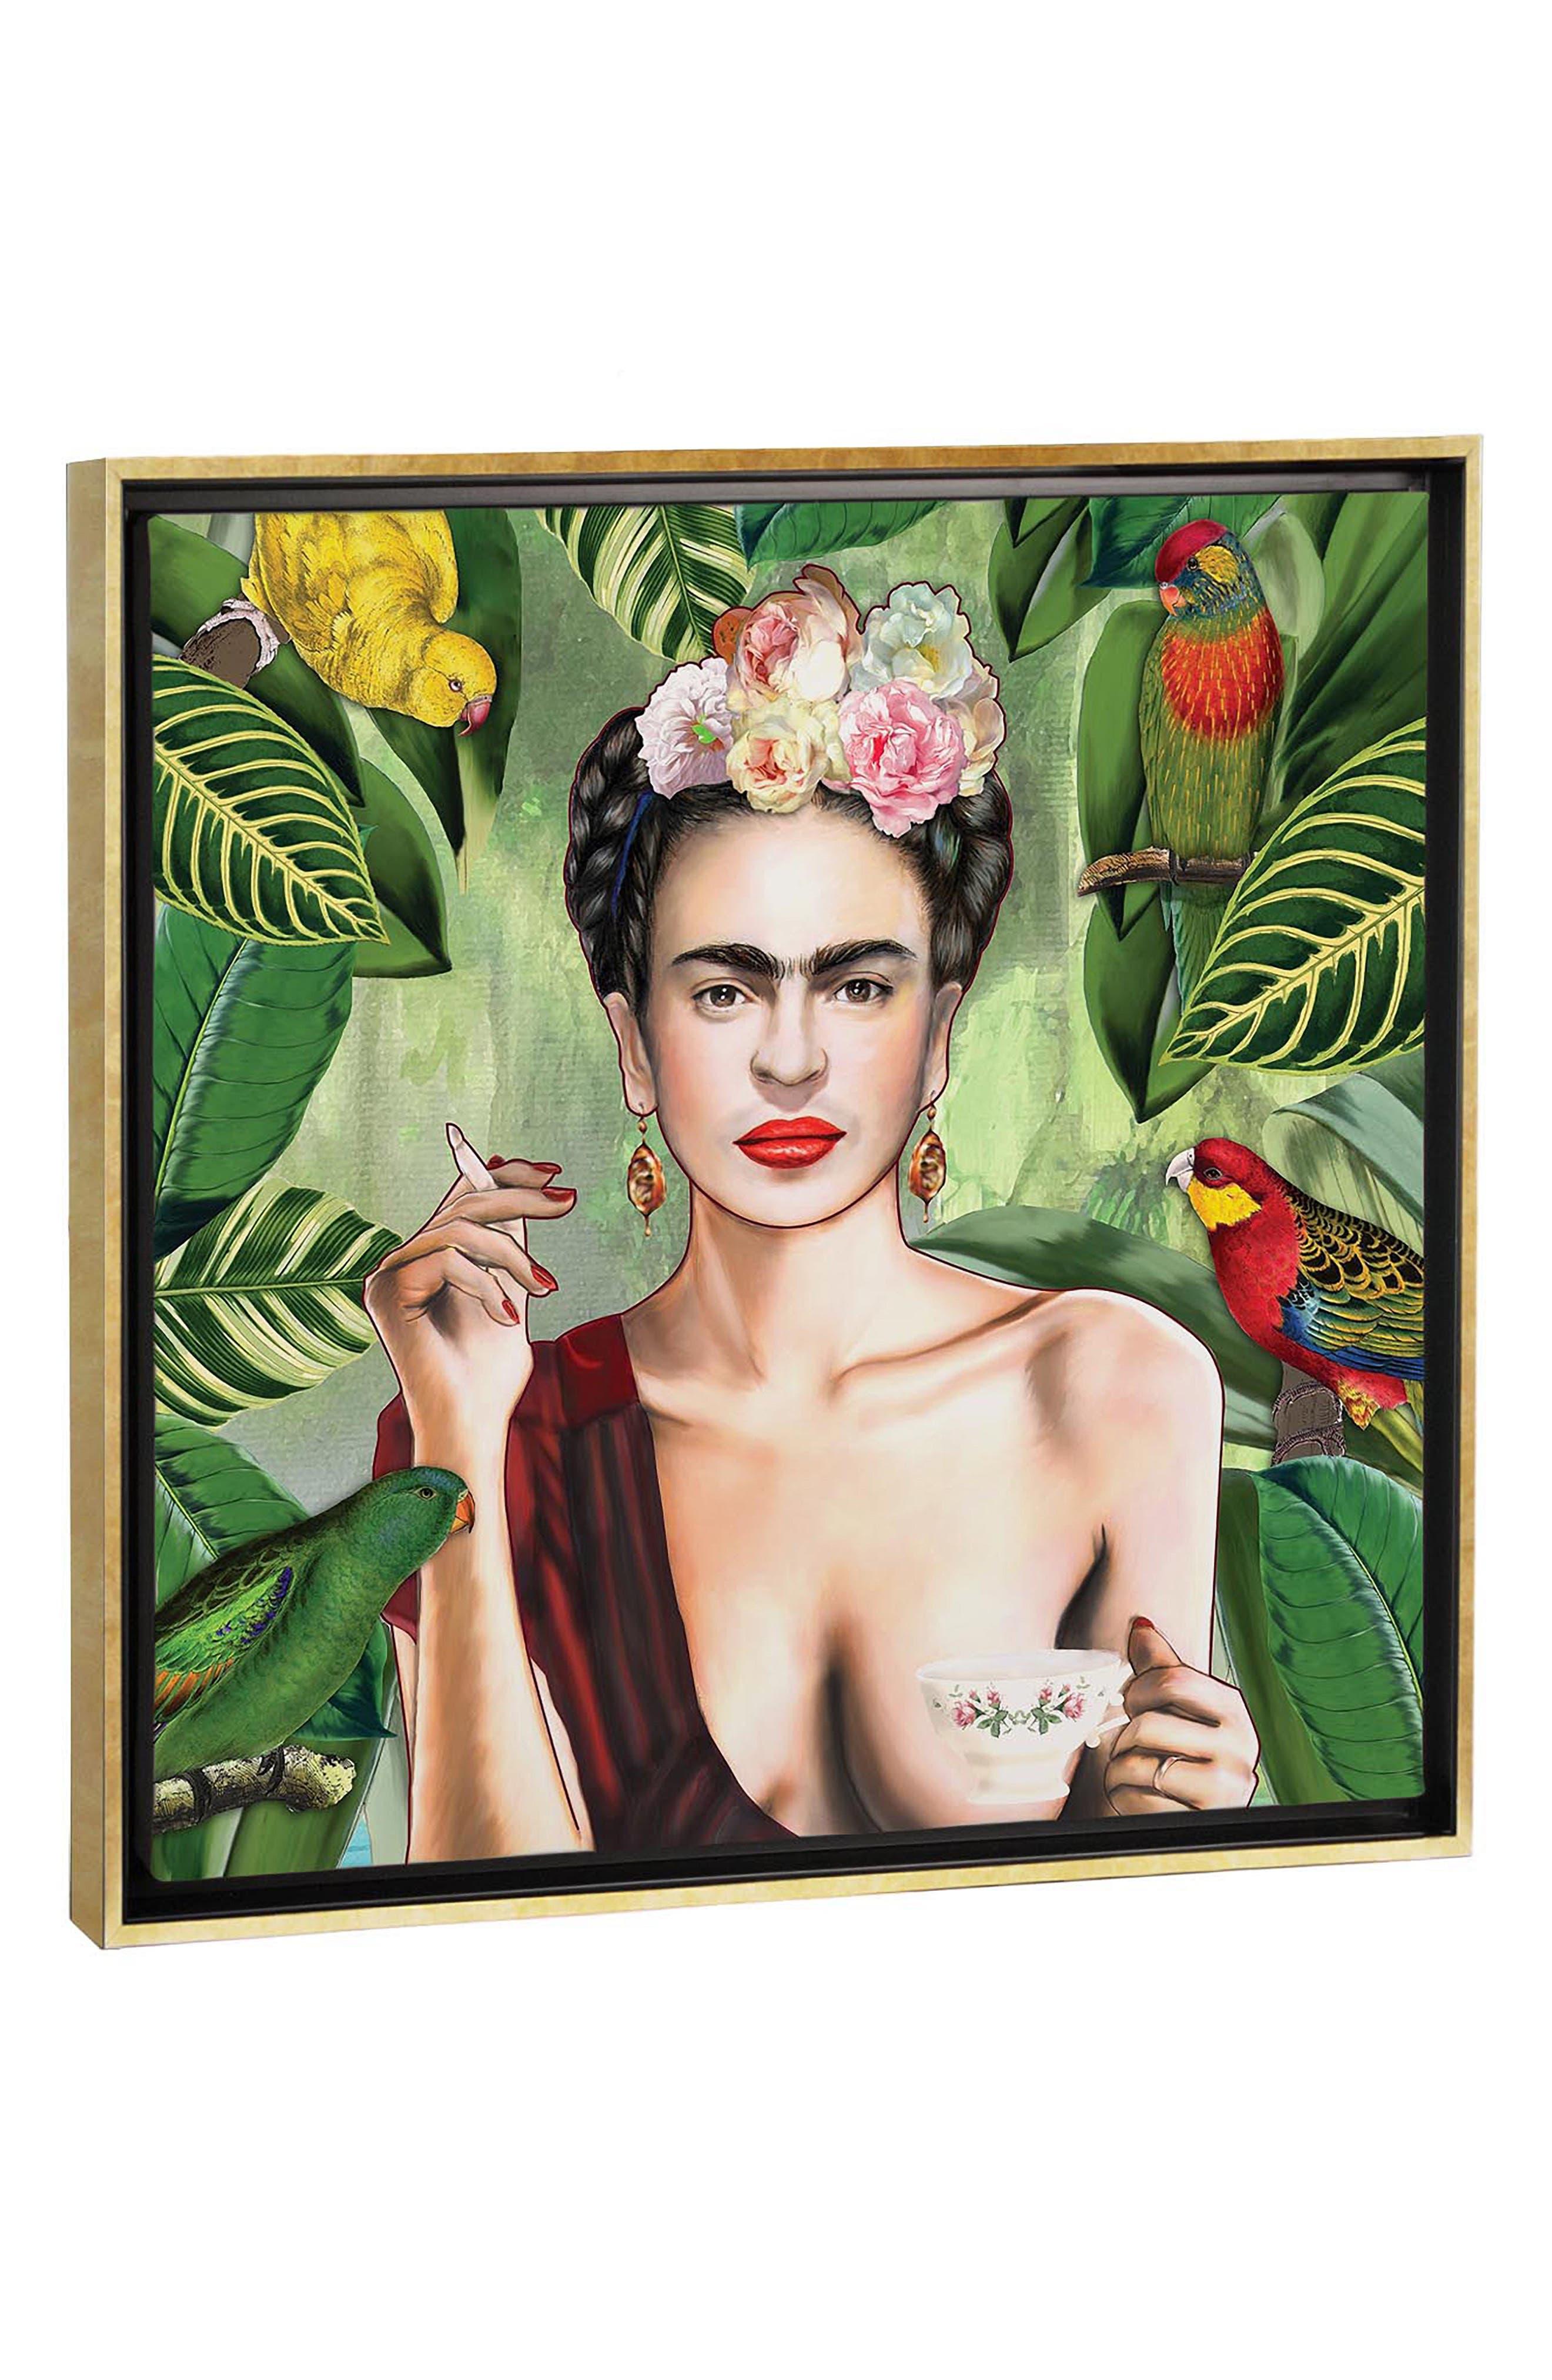 ICANVAS Frida Con Amigos by Nettsch Giclée Print Canvas Art, Main, color, GREEN